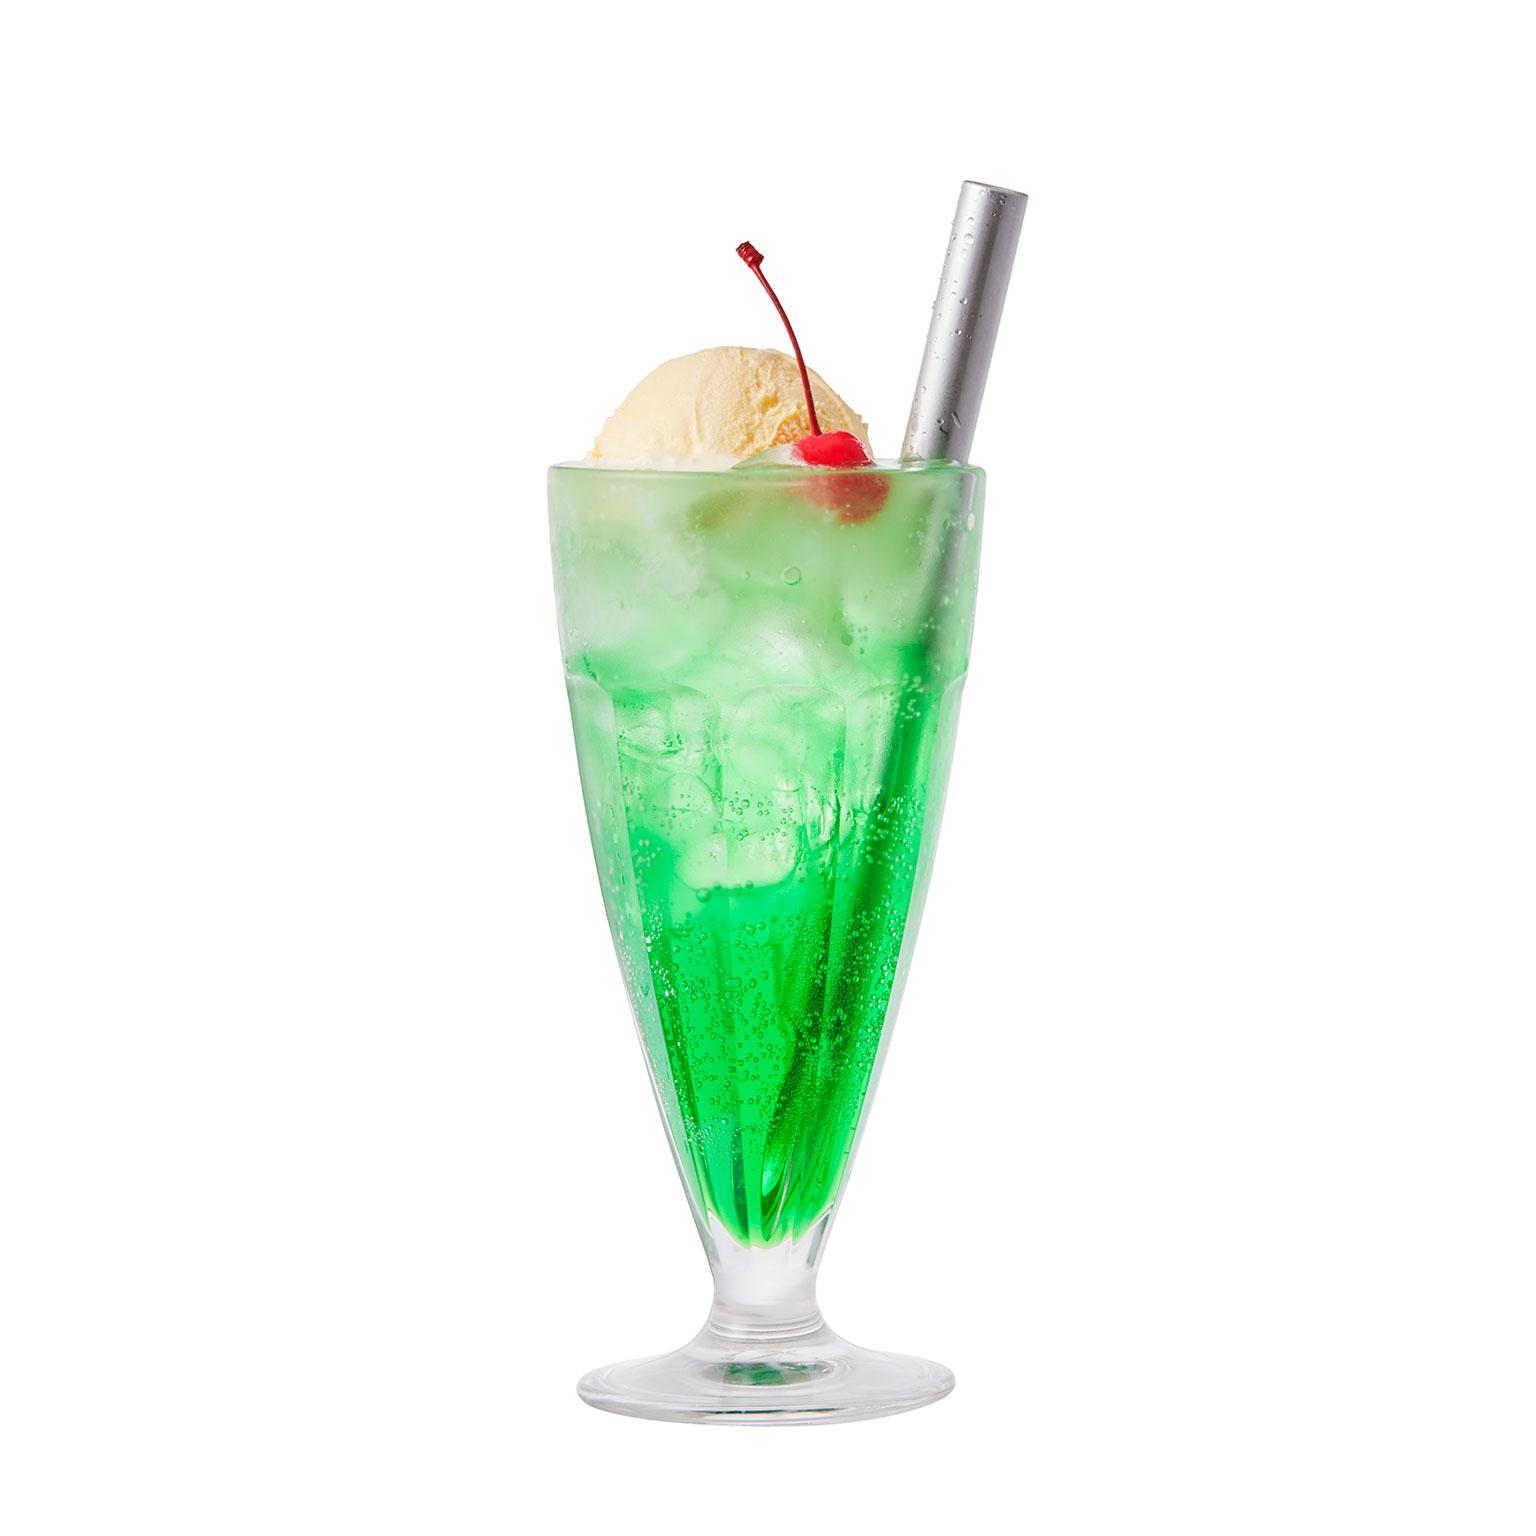 15.0% - No.20 cream soda